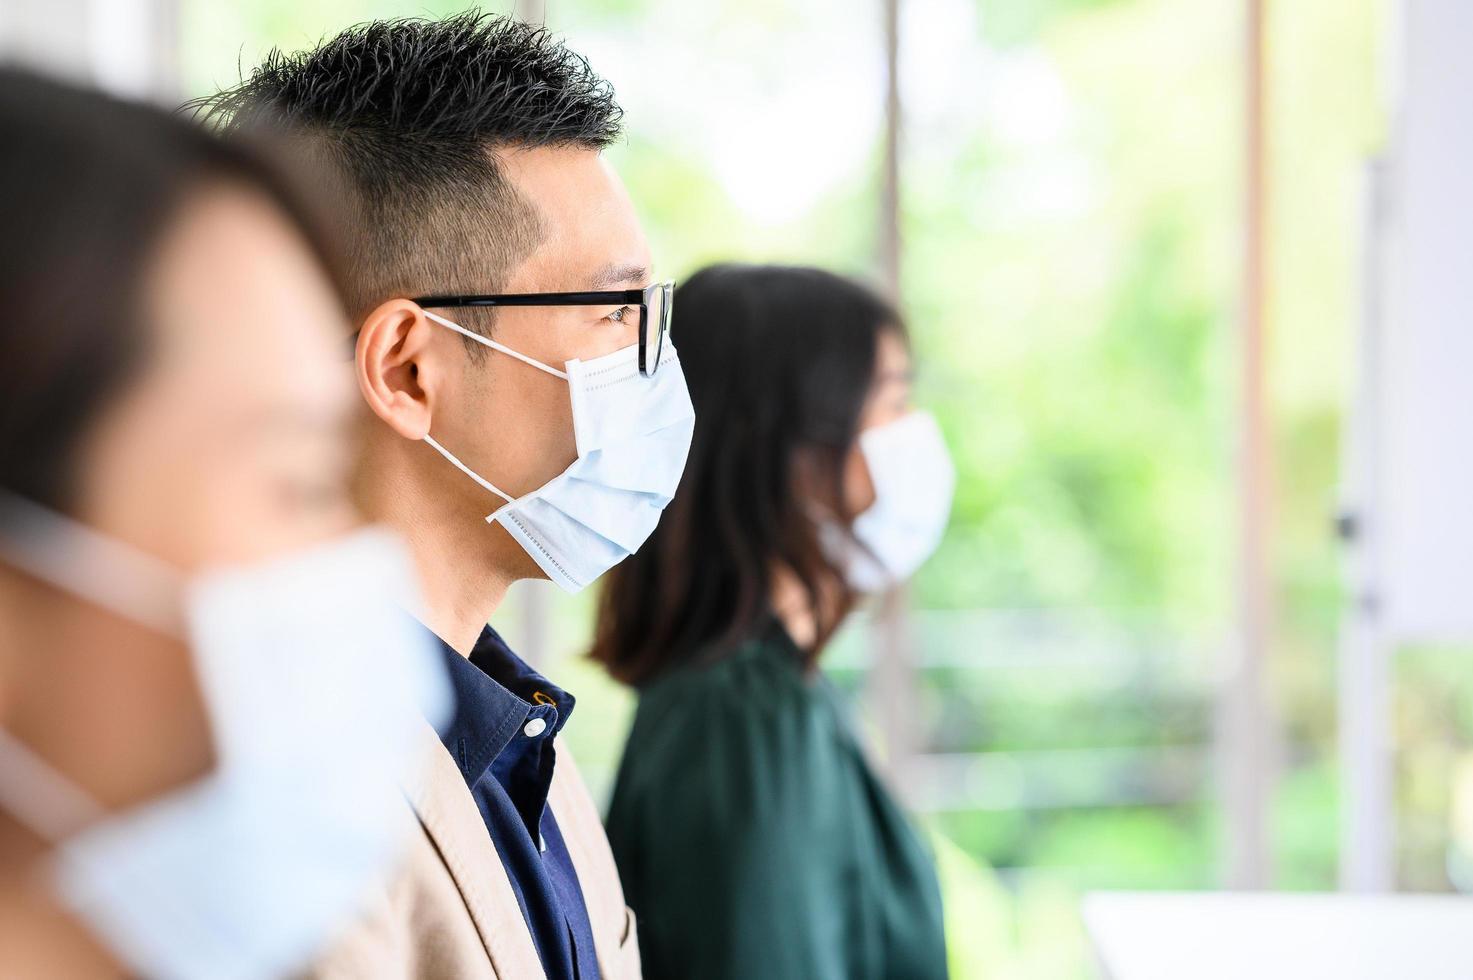 groep van Aziatische mensen dragen van beschermende gezichtsmaskers voor de veiligheid foto